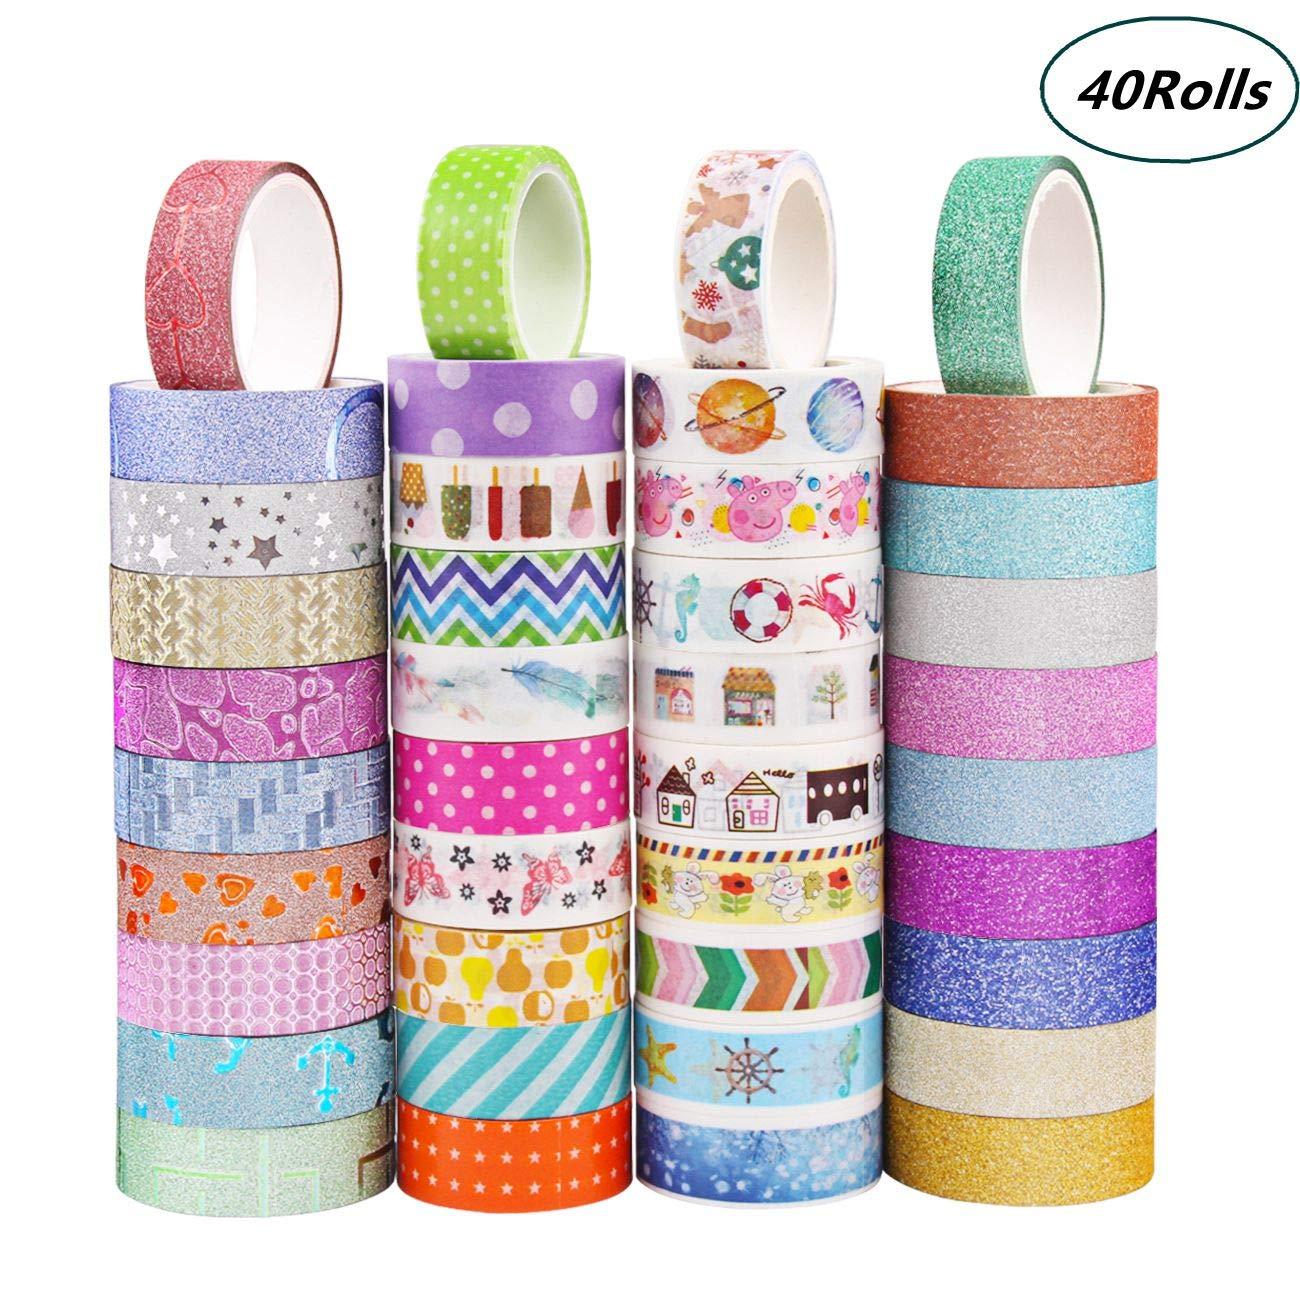 Lot 30 Rouleau Washi Tape, Ruban Adhésif Papier Décoratif Washi Masking tape pour Bricolage Scrapbook Artisanat Emballage Cadeau Fournitures de Bureau Candygirl TP-1